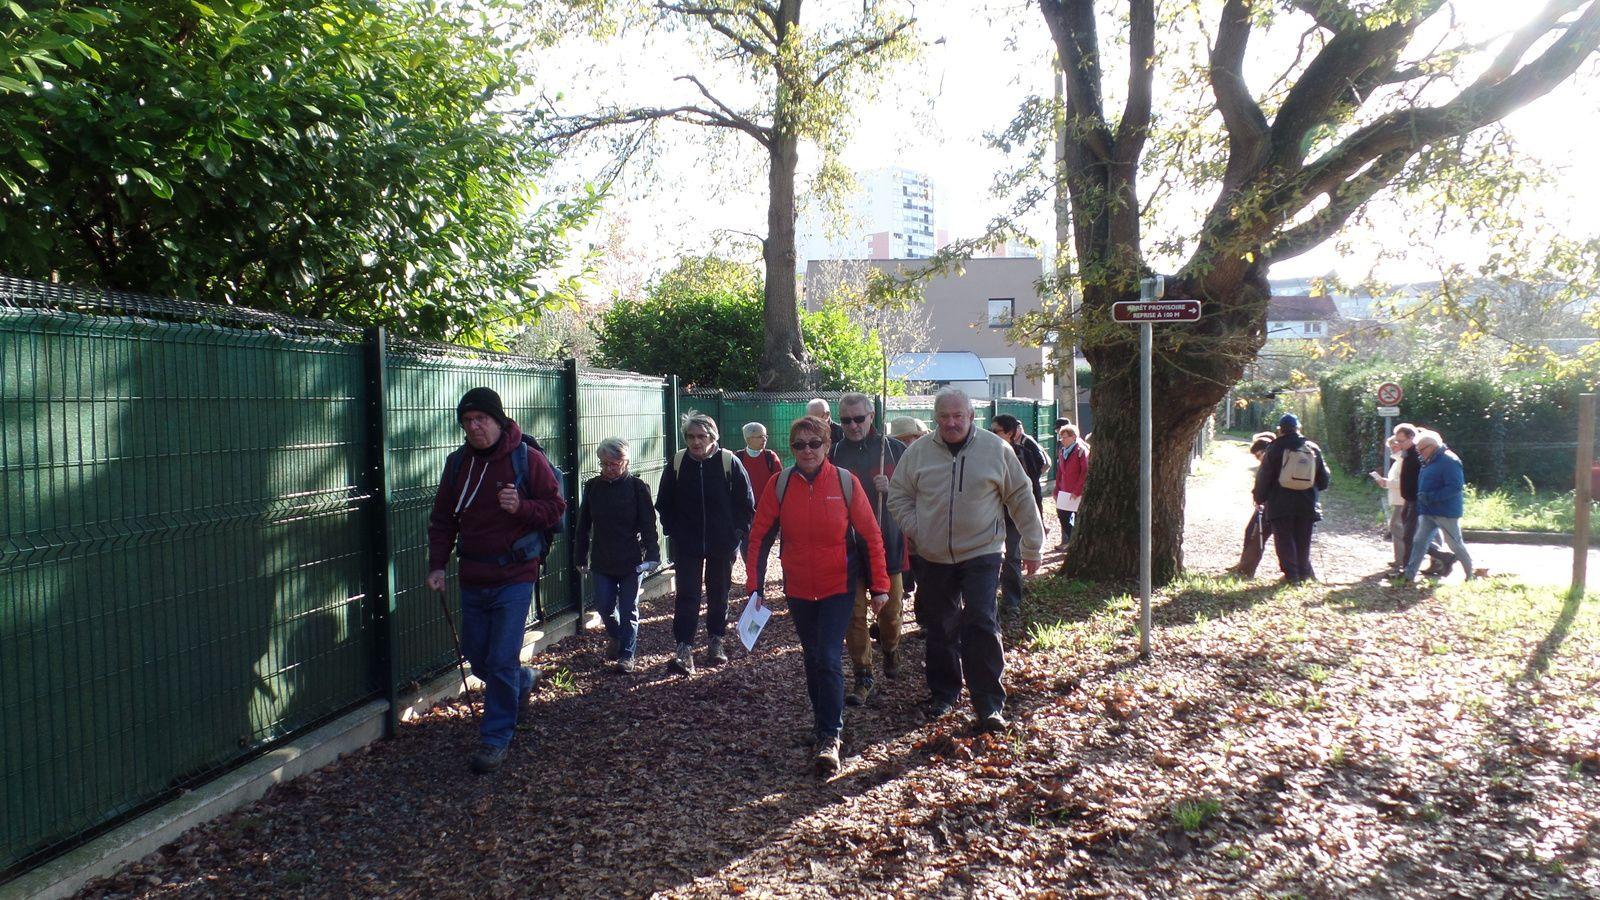 Après la traversée du parc de la GIRONDE, on rejoint les premiers chemins creux de COULAINES.